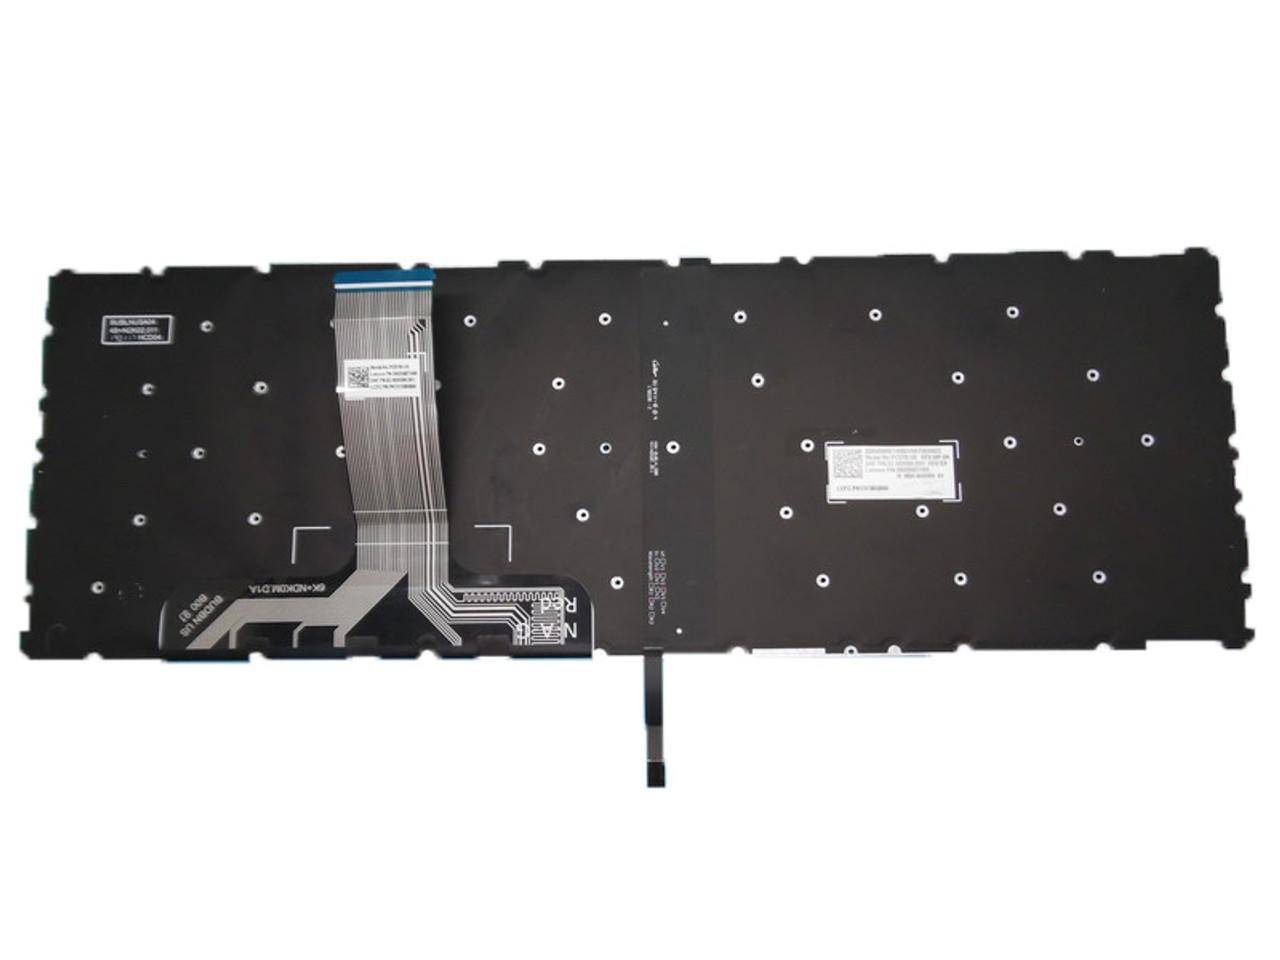 English Backlit Keyboard for Lenovo Legion Y520 Y520-15IKB Y720 Y720-15IKB R720 R720-15IKB 15 15IKB 9Z.NDKBN.D01 laptop US